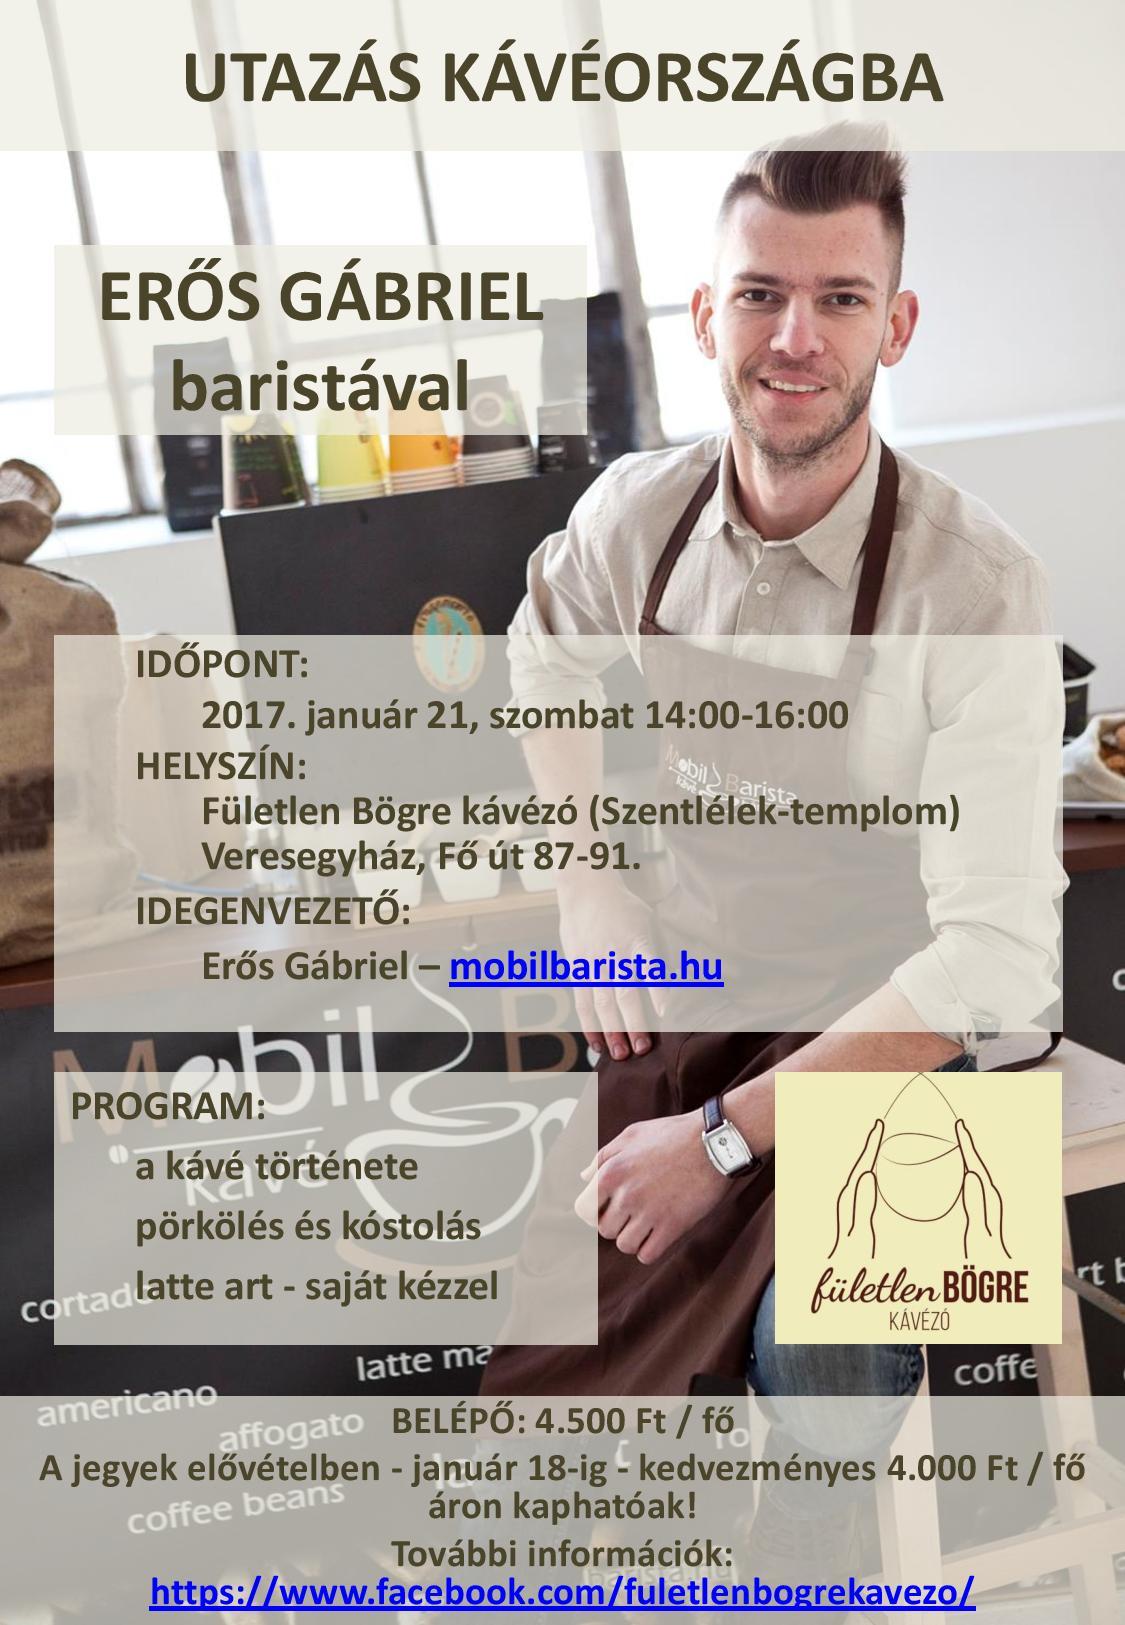 Utazás kávéországba @ Fületlen Bögre kávézó